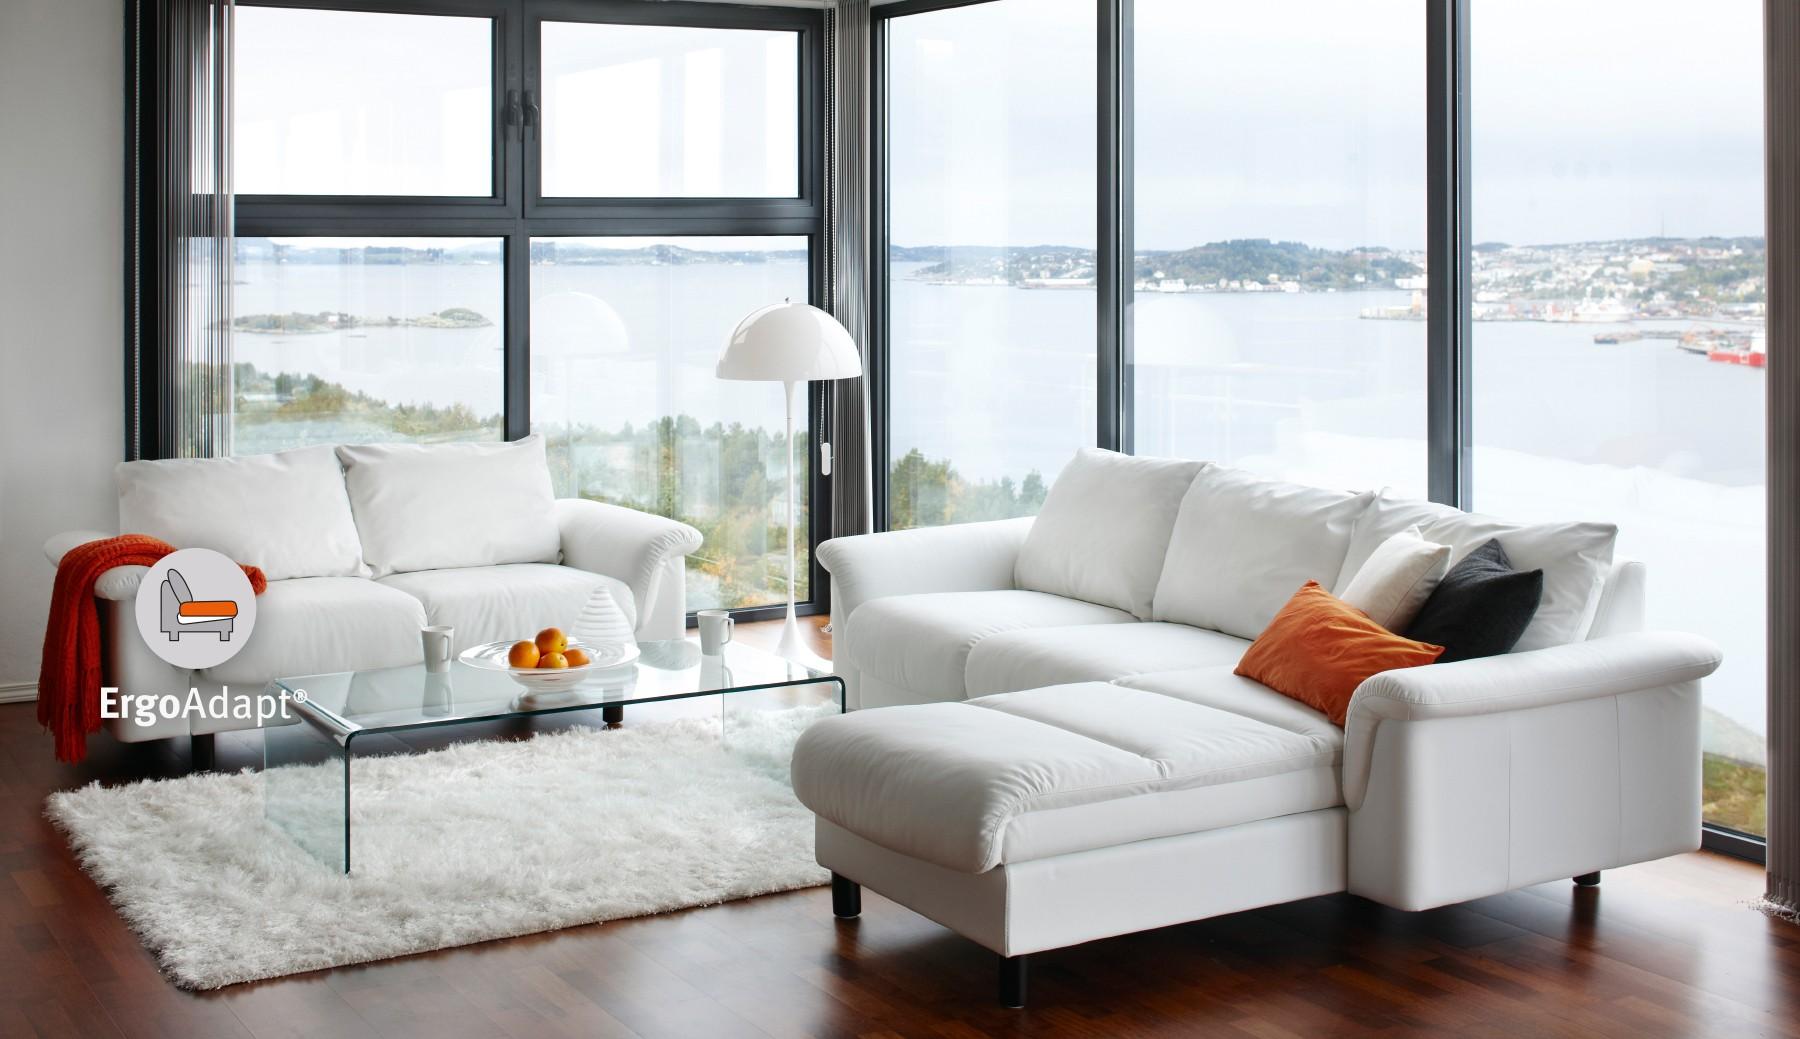 Die Vielfältigen Konfigurationsmöglichkeiten Der Sofa Modelle Bieten Die  Möglichkeit Sich An Jedes Wohnzimmer Anzupassen. Ob Ein Klassischer  3 Sitzer, ...